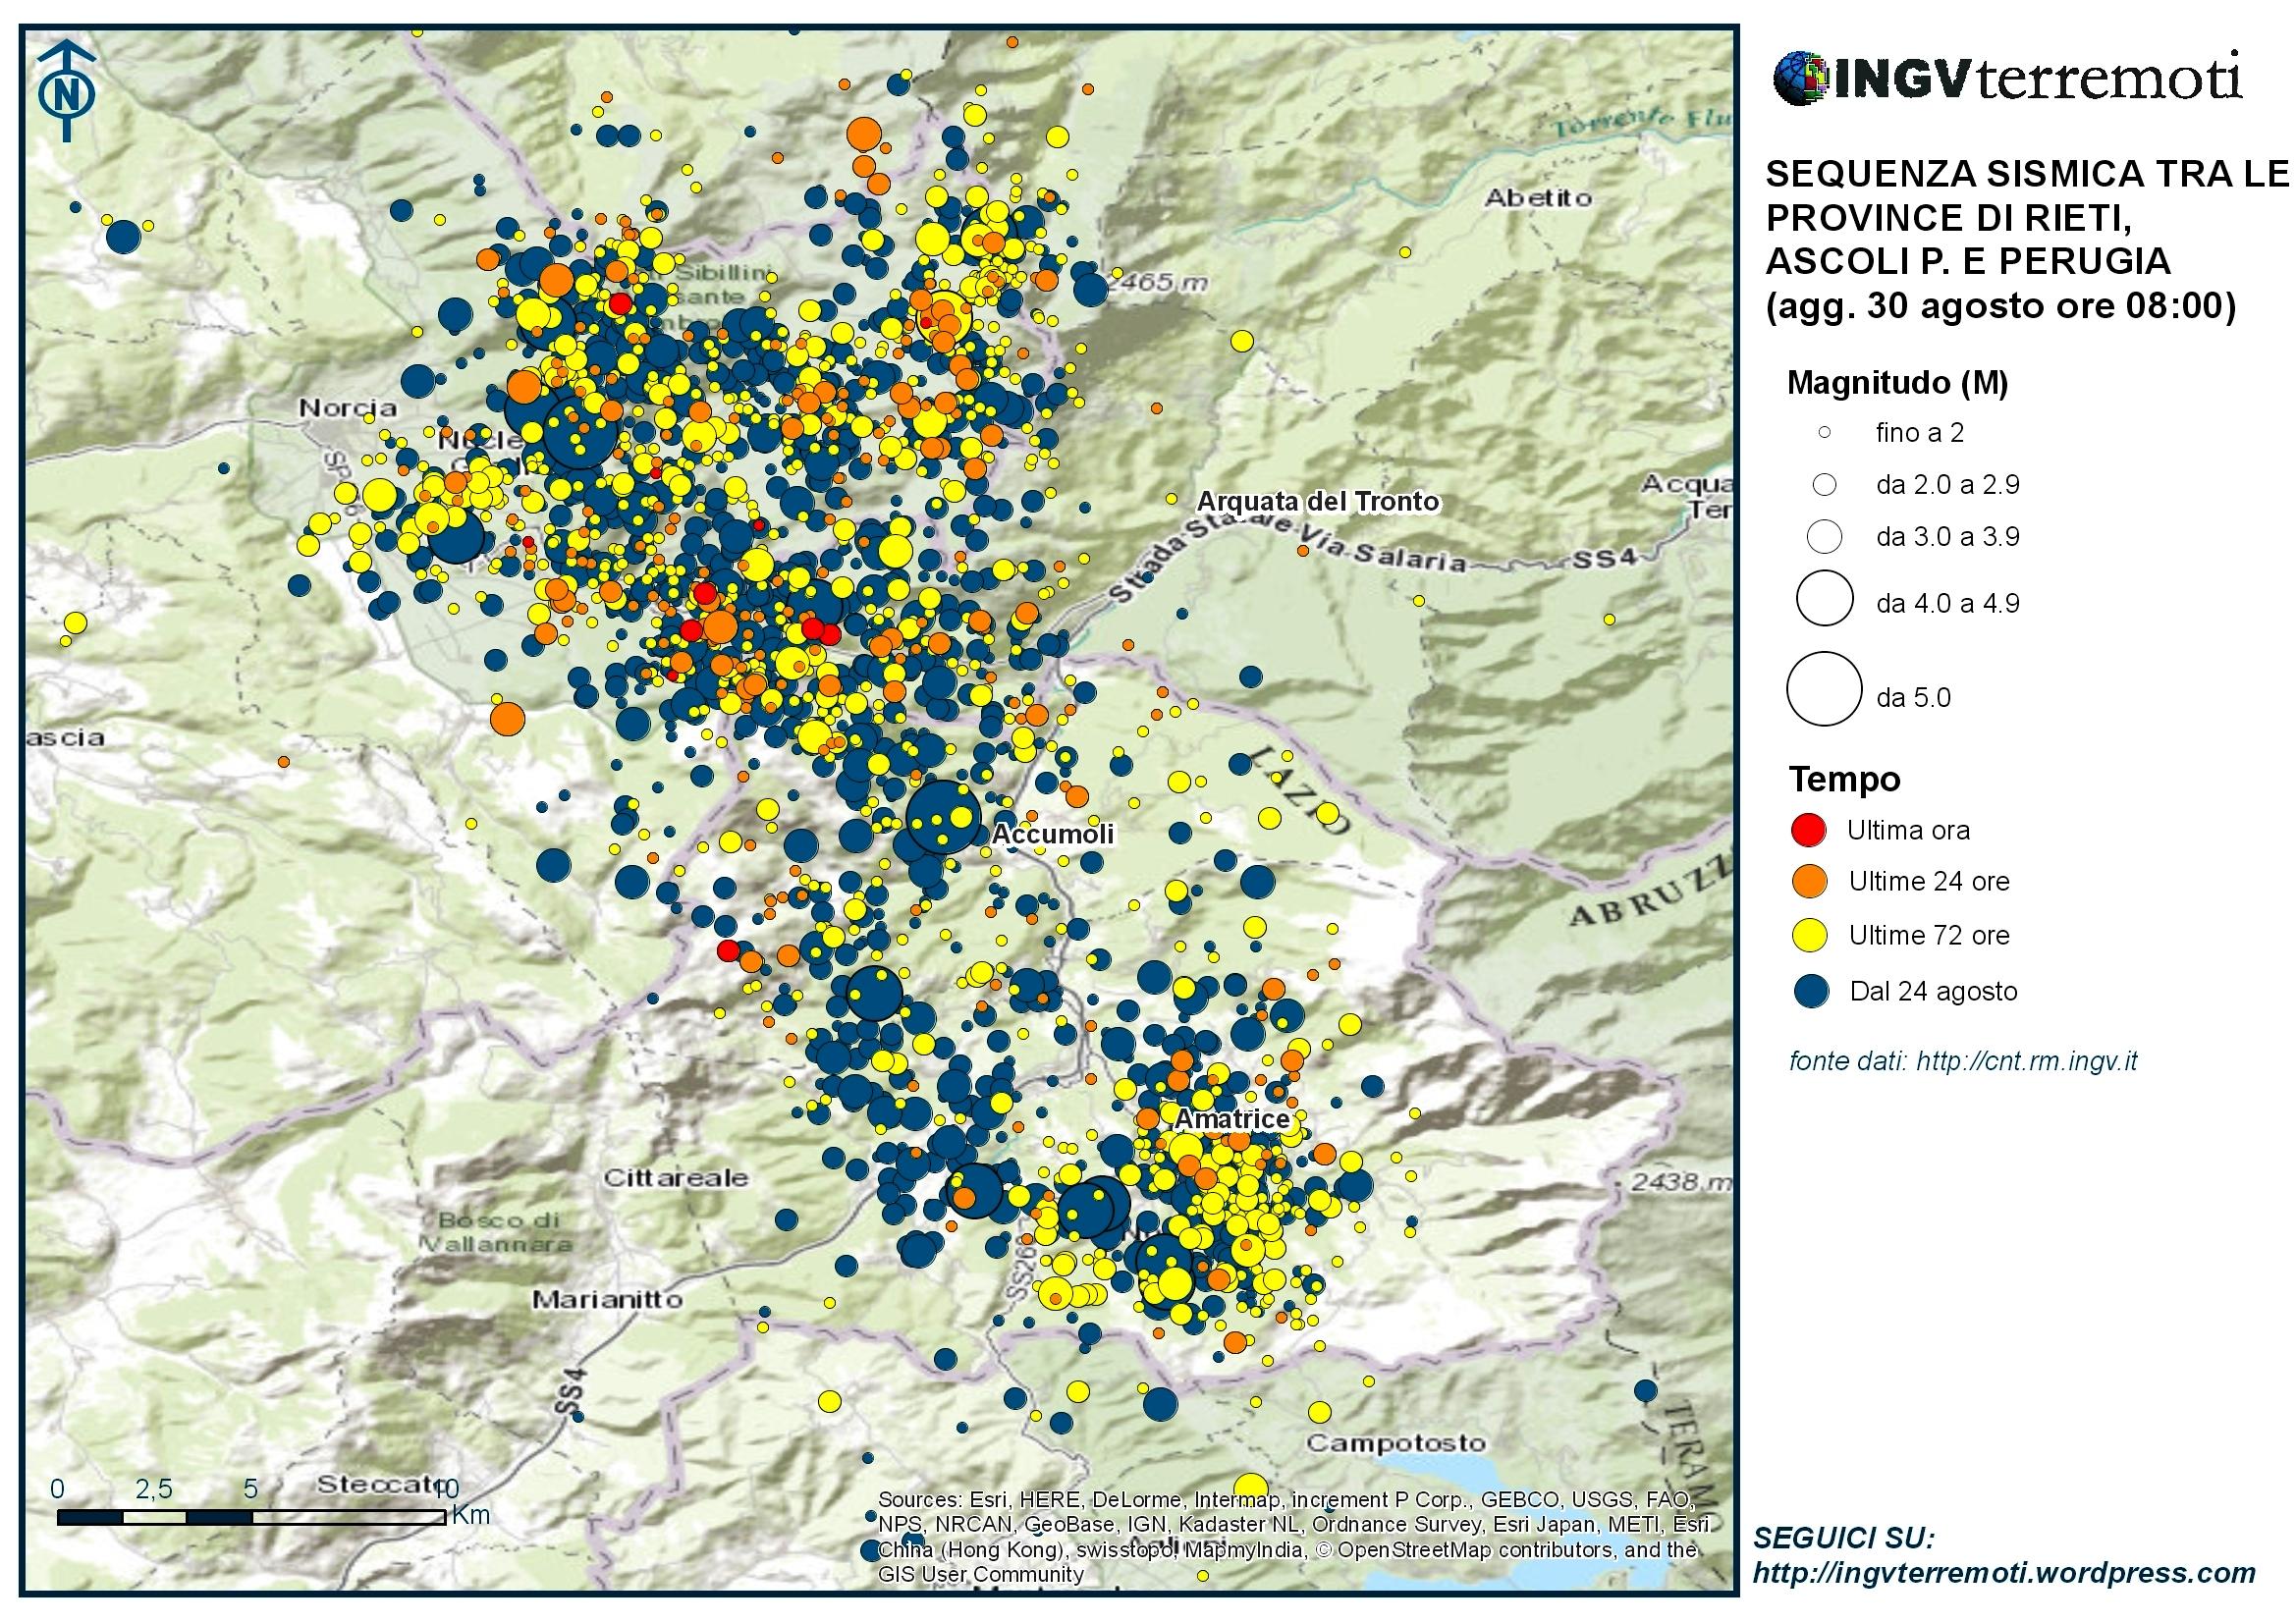 Sequenza sismica province di Rieti, Perugia, Ascoli P., L'Aquila e Teramo: aggiornamento ore 08.00 – 30 agosto